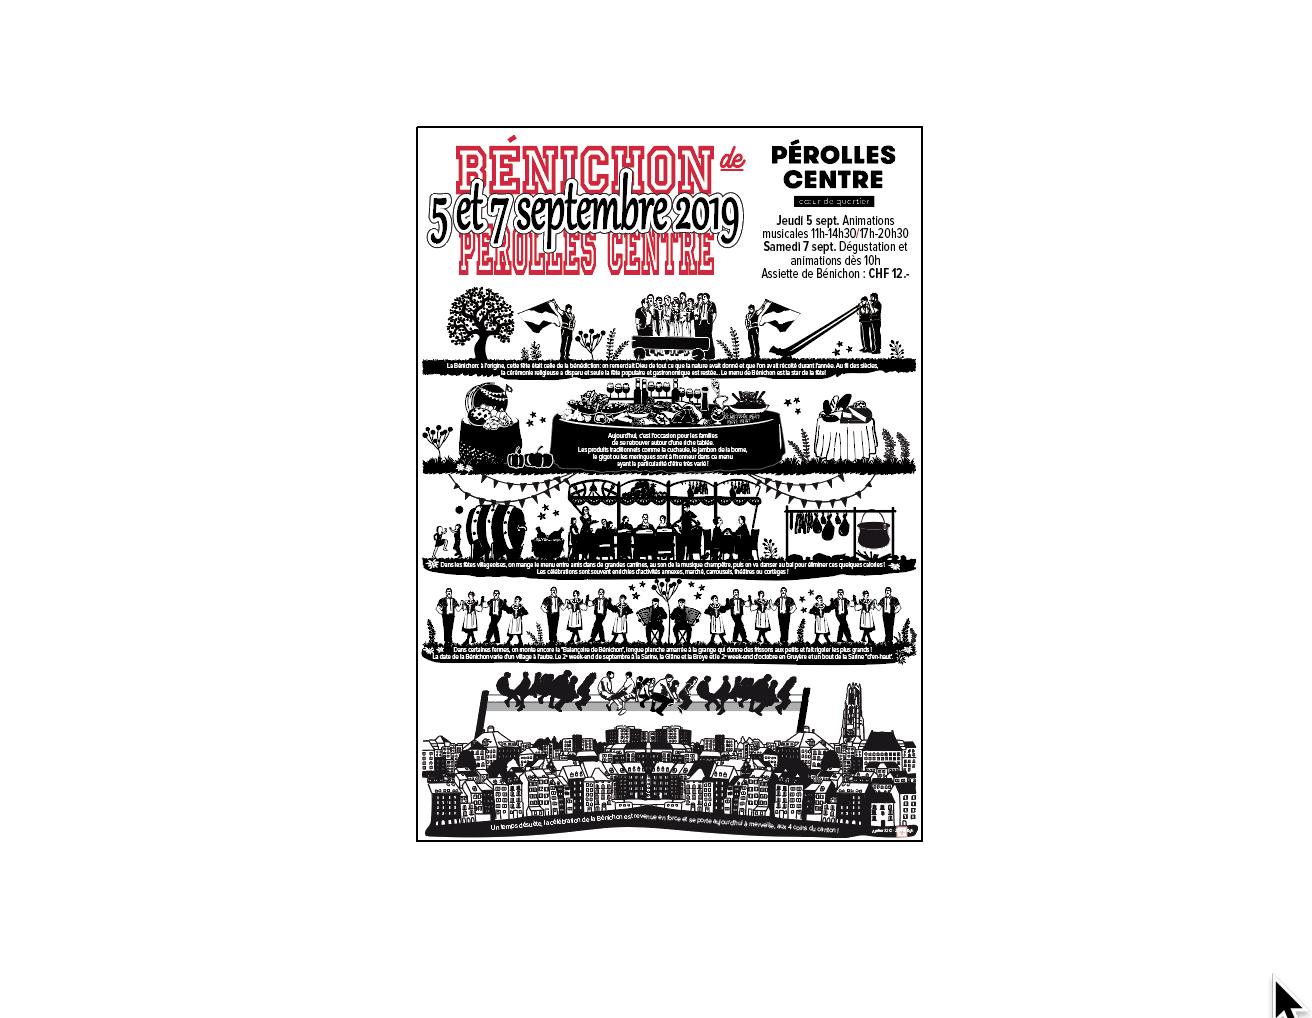 La Bénichon en illustration par Zari Tofigh et texte. Affiche format A3 en vente chez vos commerçants de Pérolles Centre dès le 15 août 2019 - Prix CHF 10.-